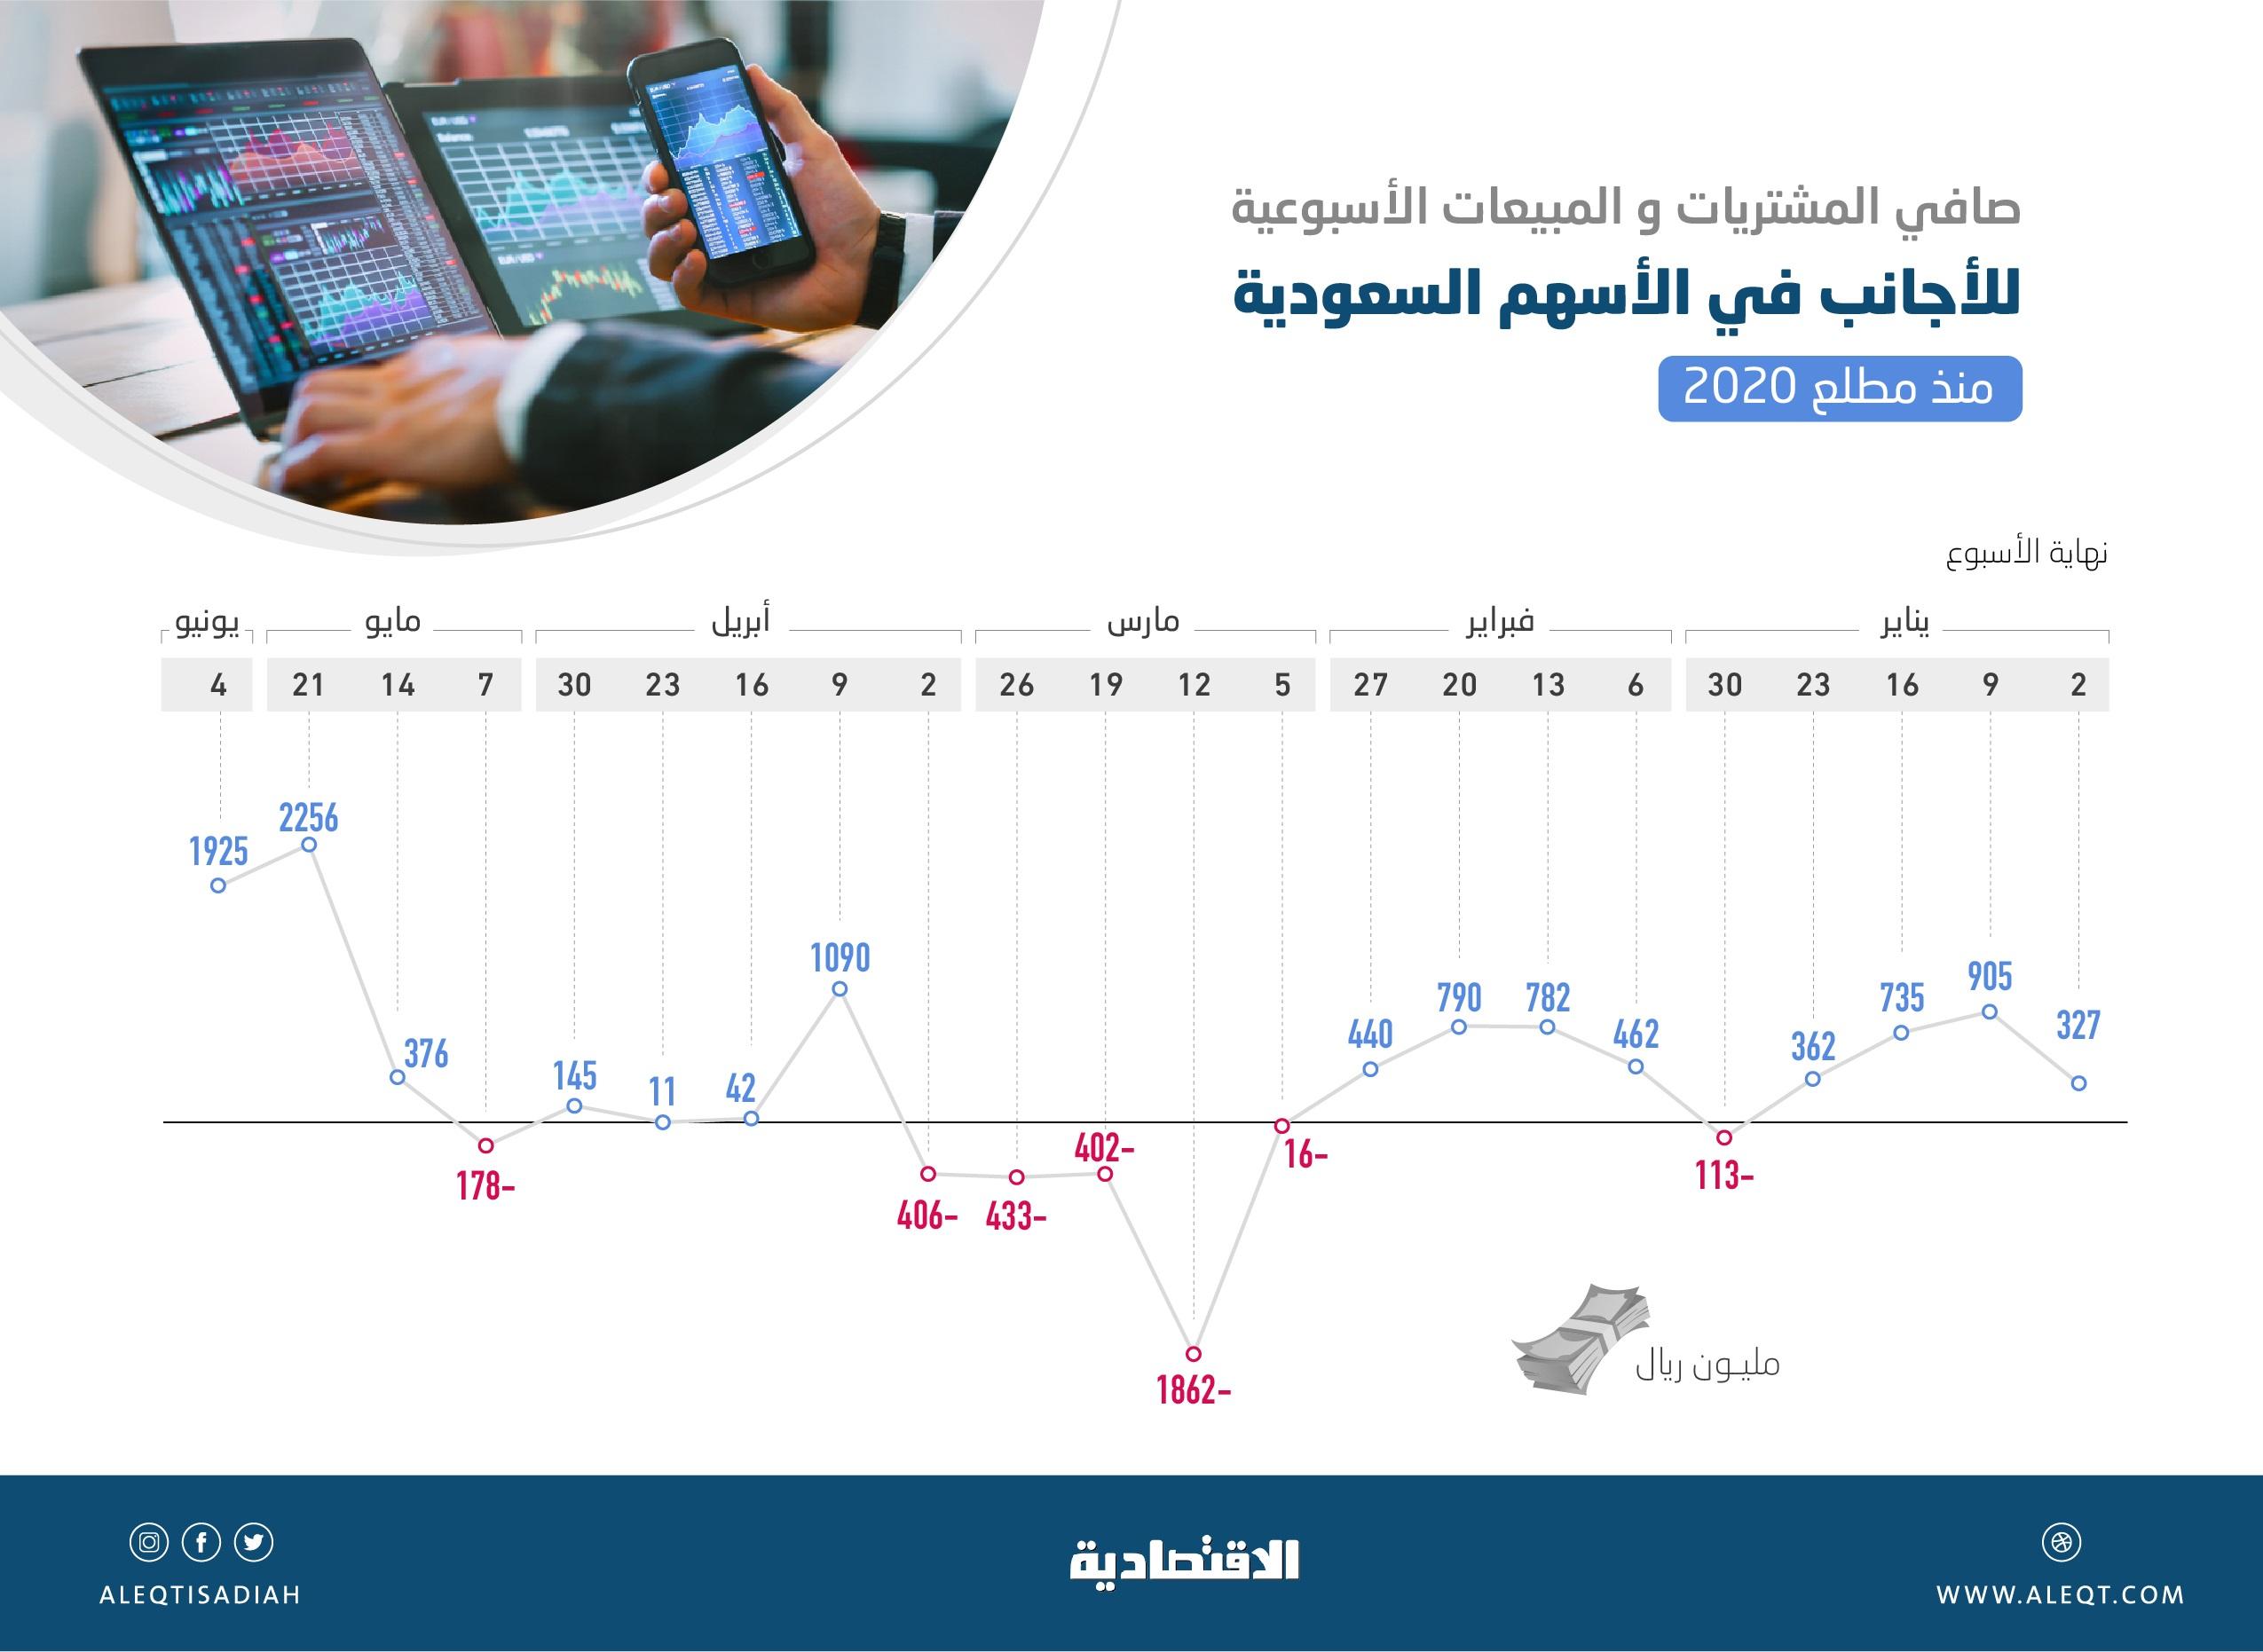 بقيمة 4.18 مليار ريال .. الأجانب ينفذون آخر أسبوعين أضخم مشتريات في الأسهم السعودية خلال 2020   صحيفة الاقتصادية